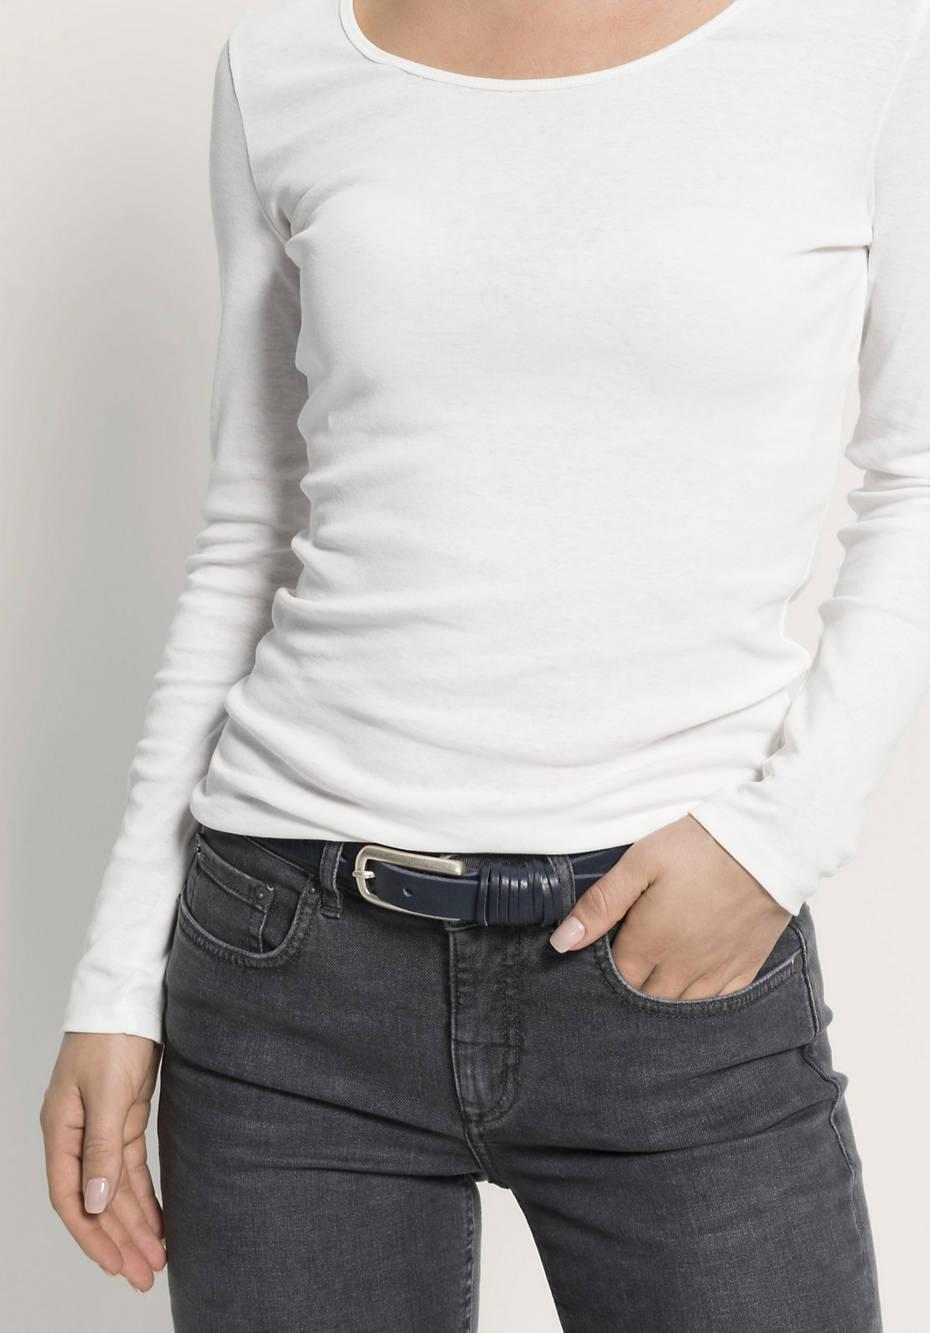 Gürtel aus chromfreiem Leder